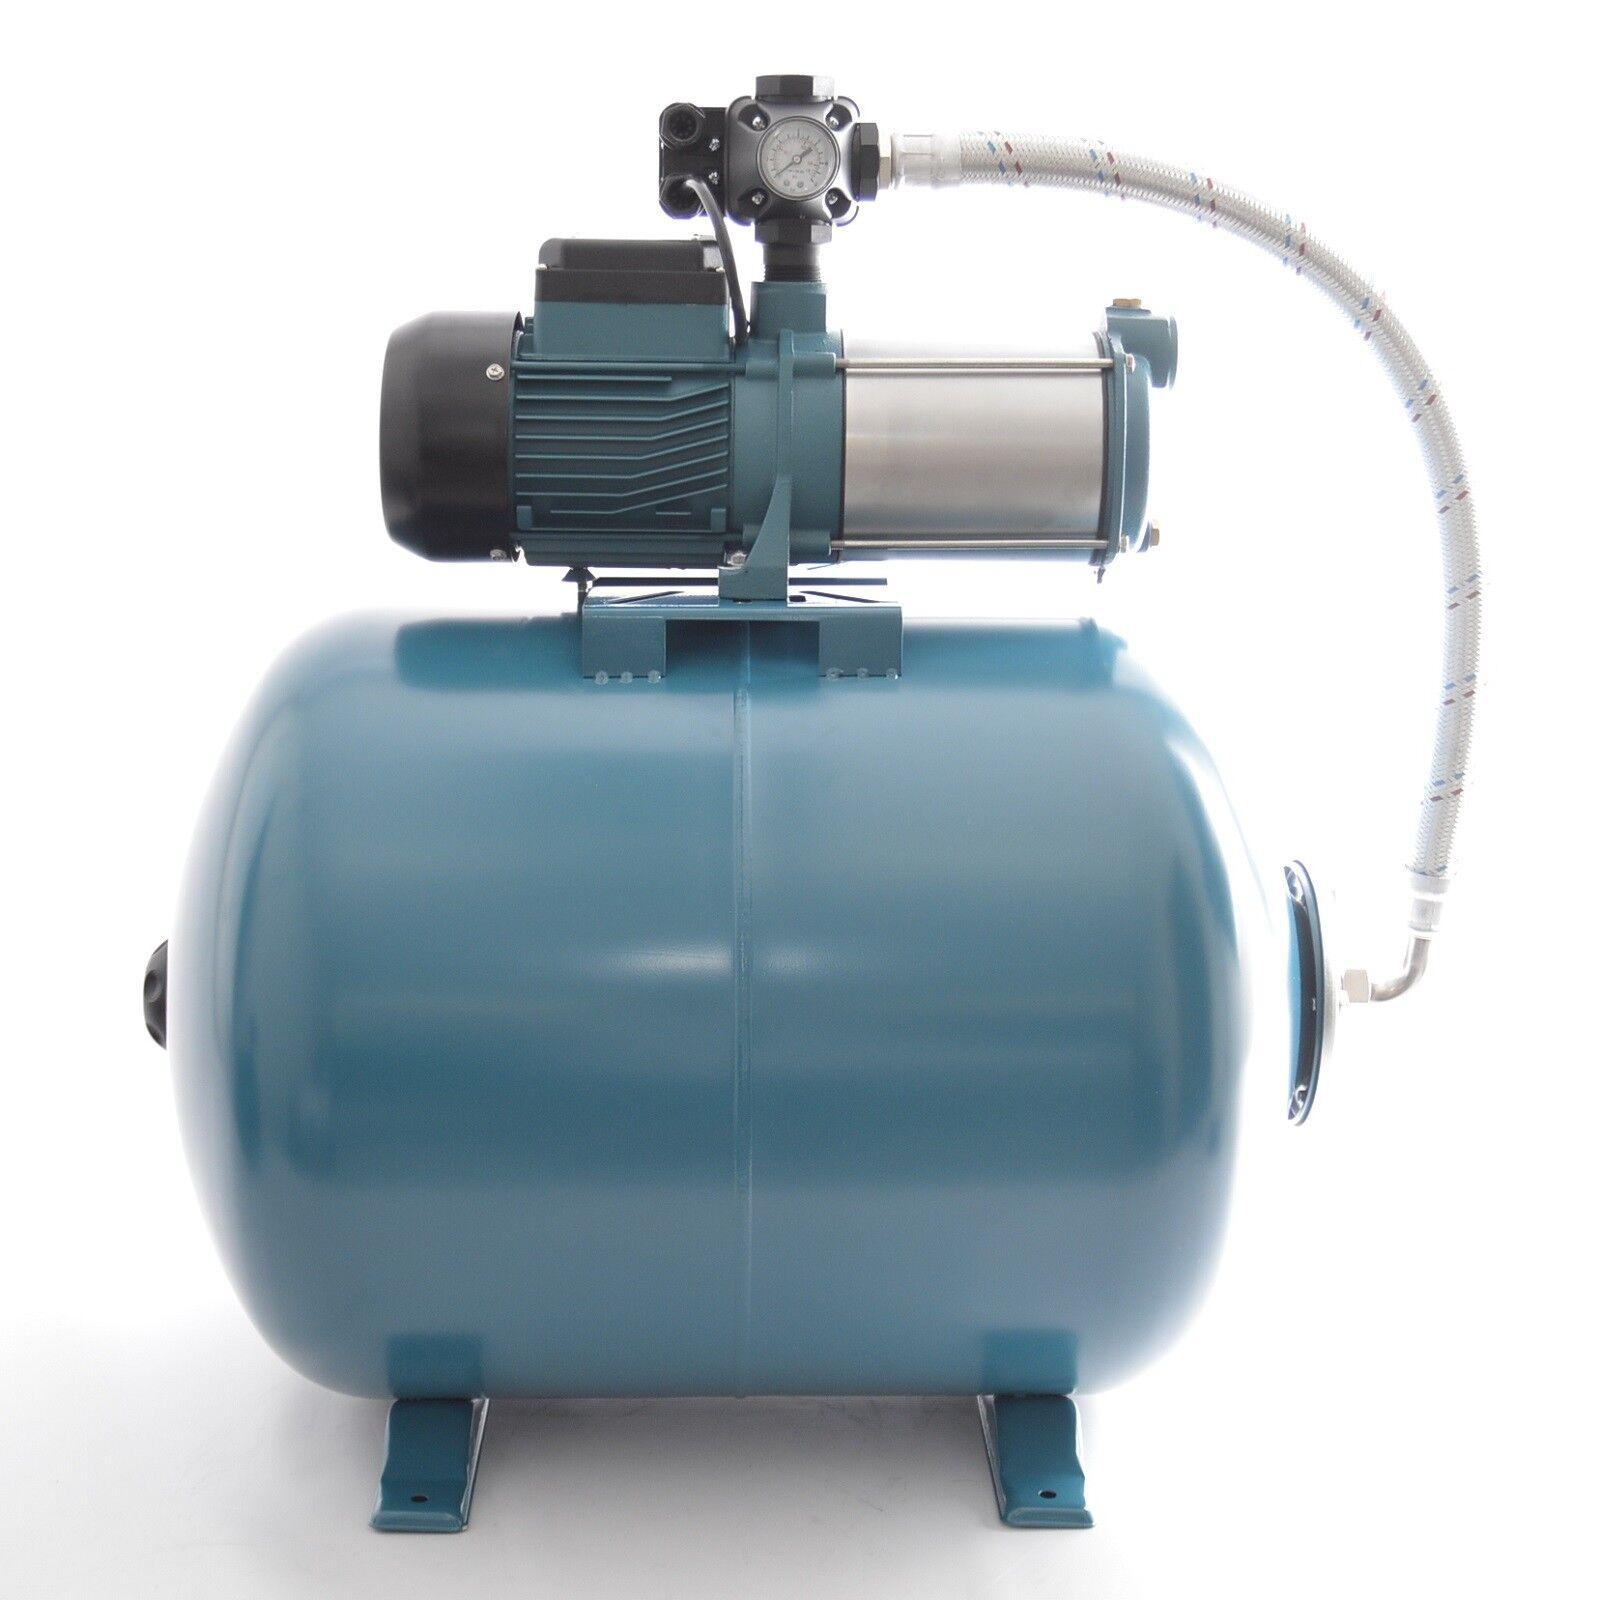 Hauswasserwerk 100 Liter mit Pumpe 1300Watt 5 5bar 6000L min. PC-9